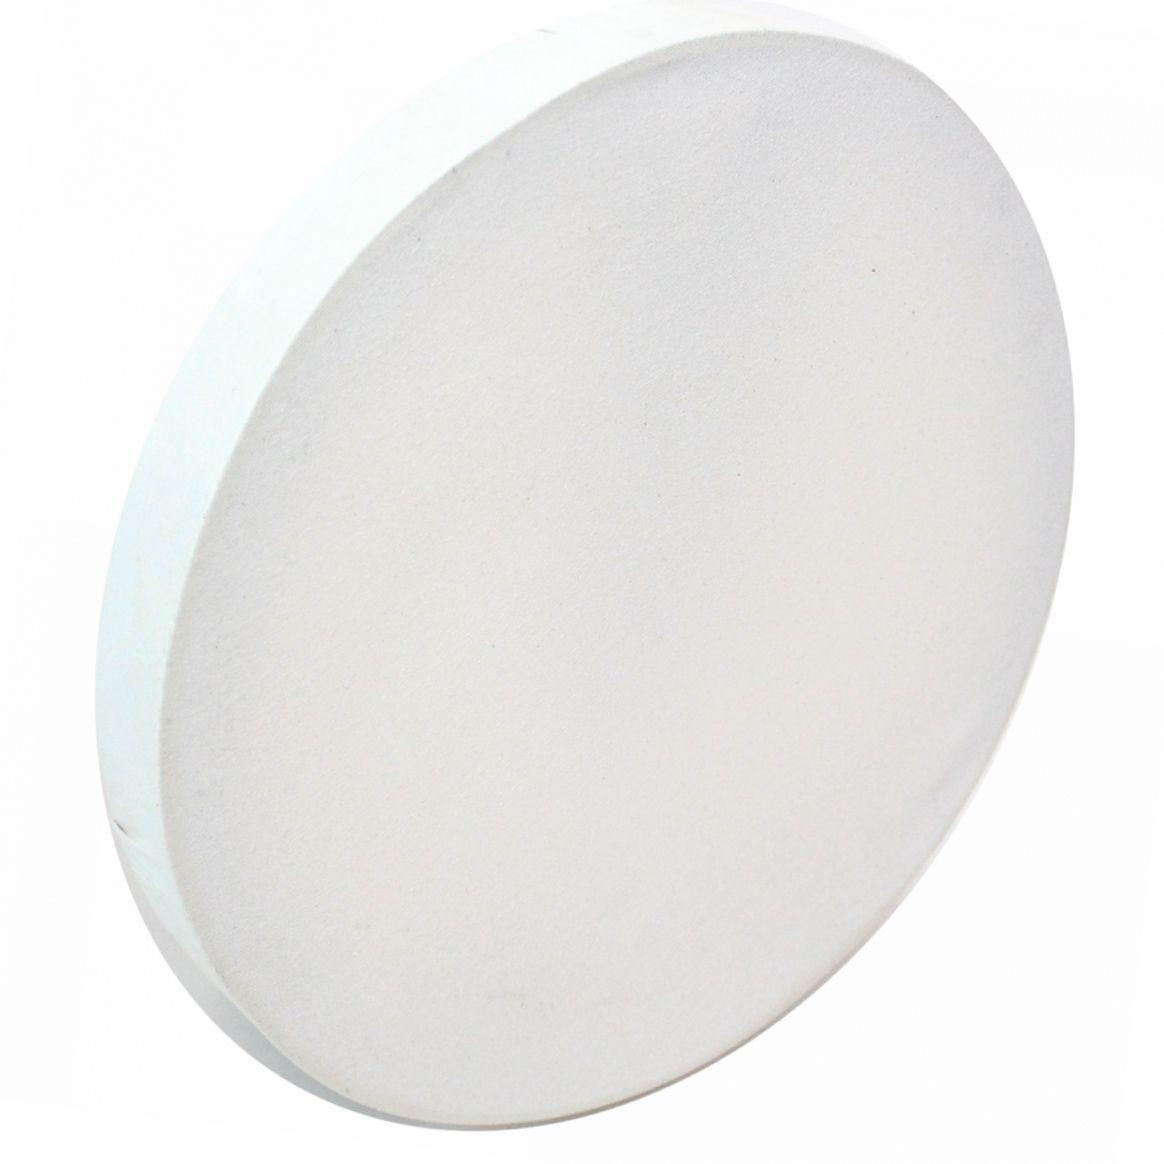 Tela redonda para pintura 50cm - São Francisco